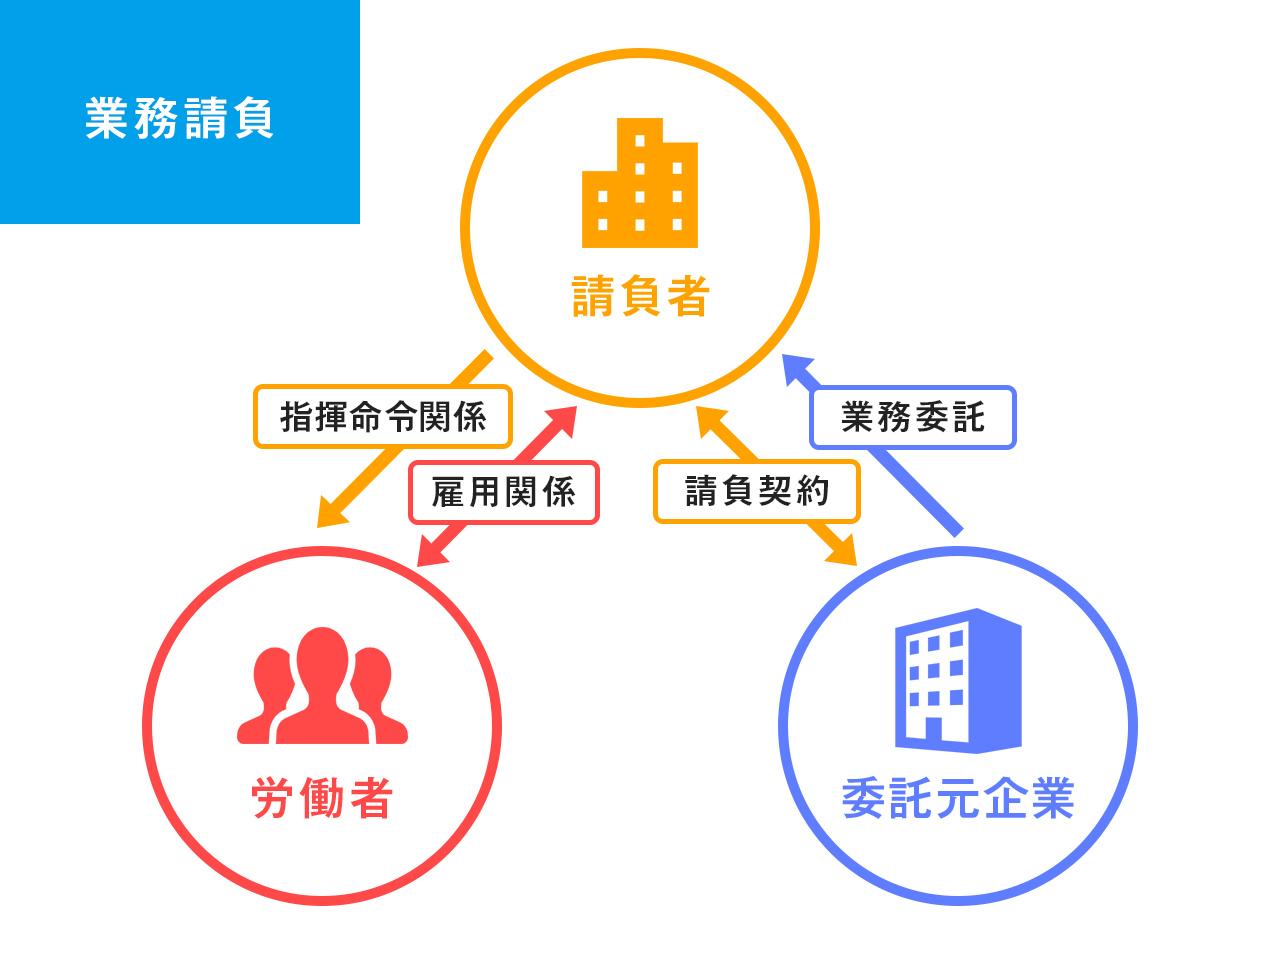 図:業務請負の仕組み